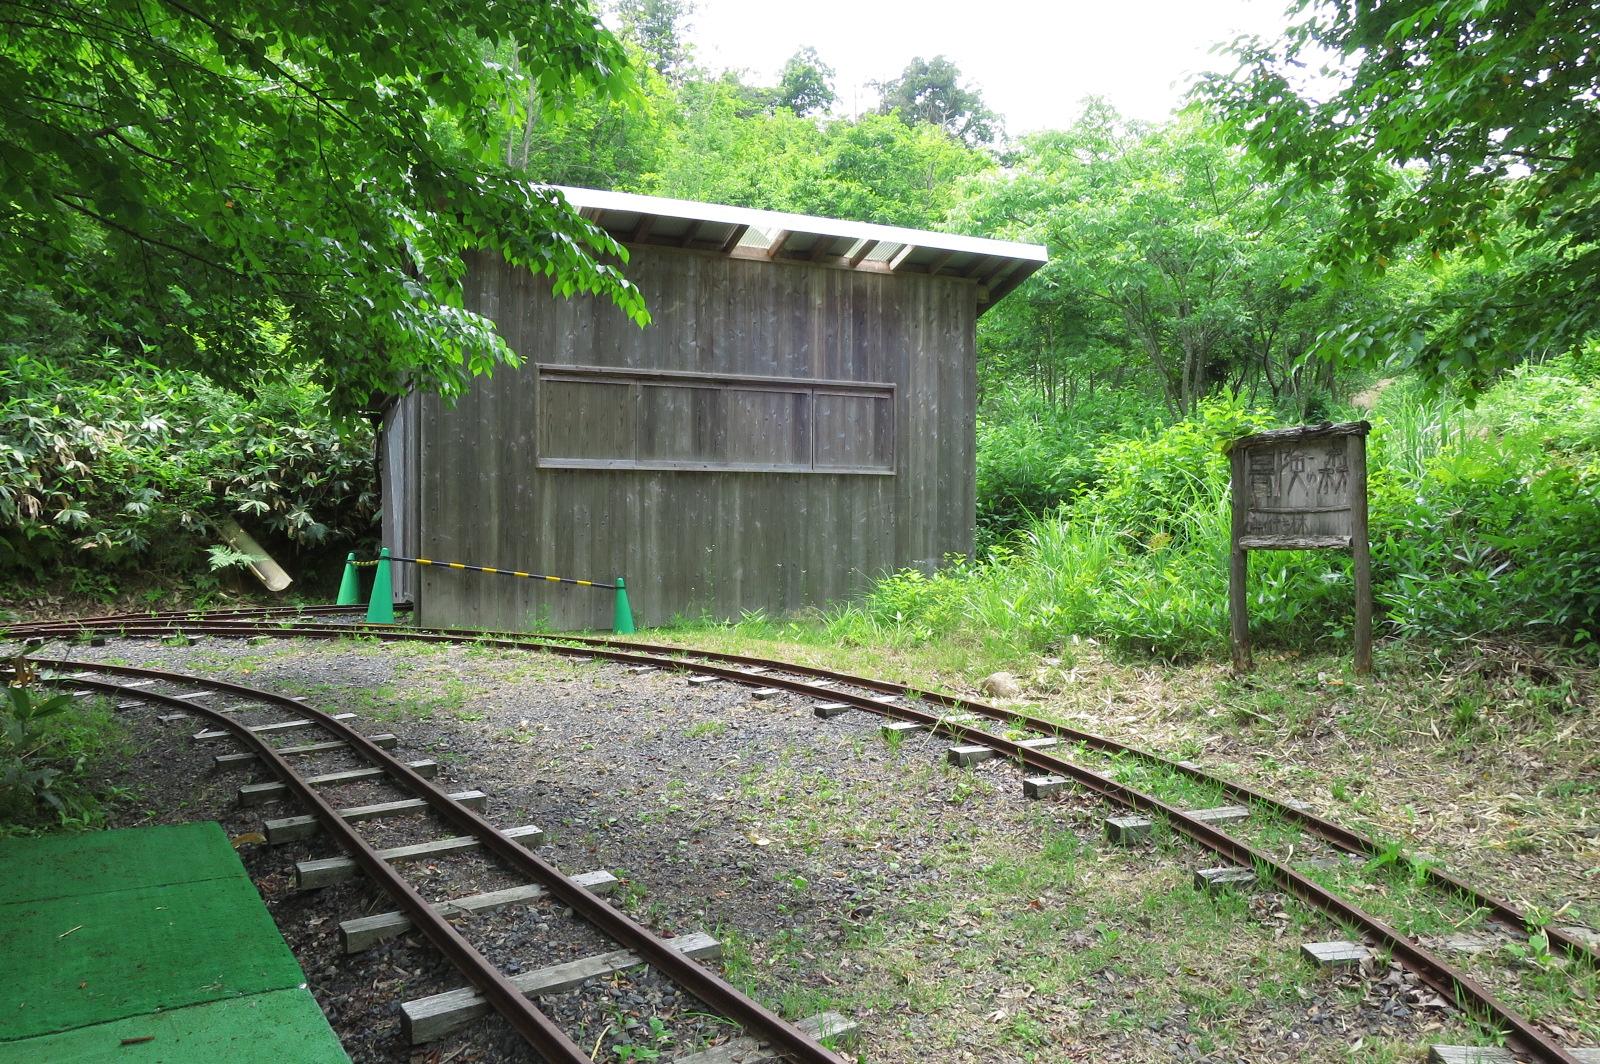 ぼうけんの森にある廃線。細い線路なので、線路上を歩いて行くのは意外と難しい。。。挑戦してみて!